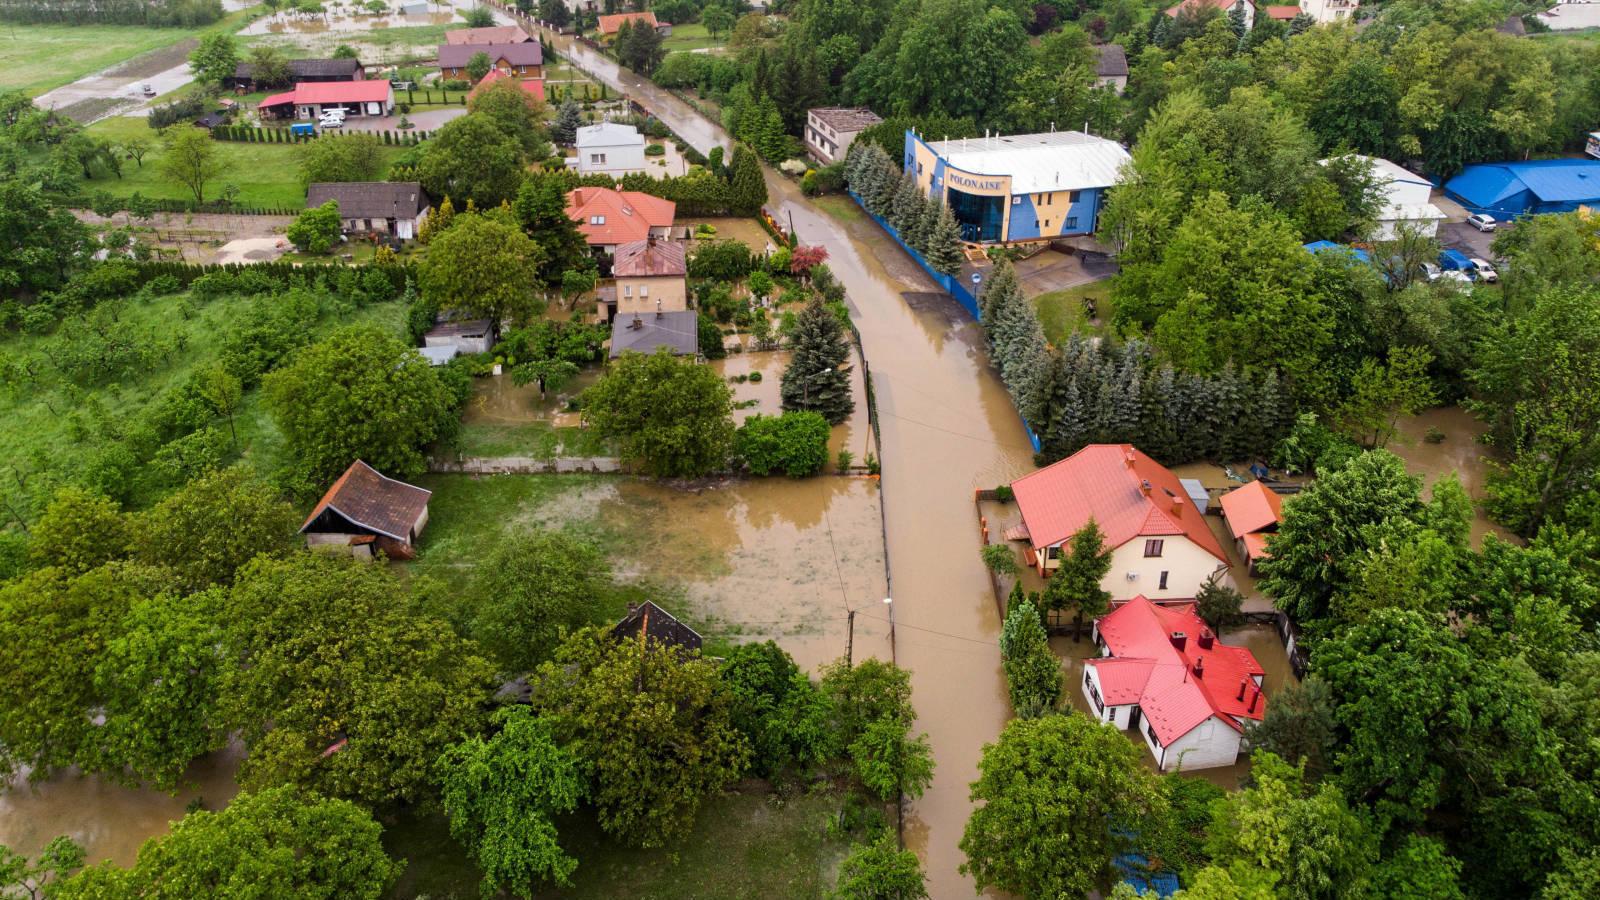 Powodzie i podtopienia na południu Polski. Woda jeszcze wzbierze, bo wciąż pada